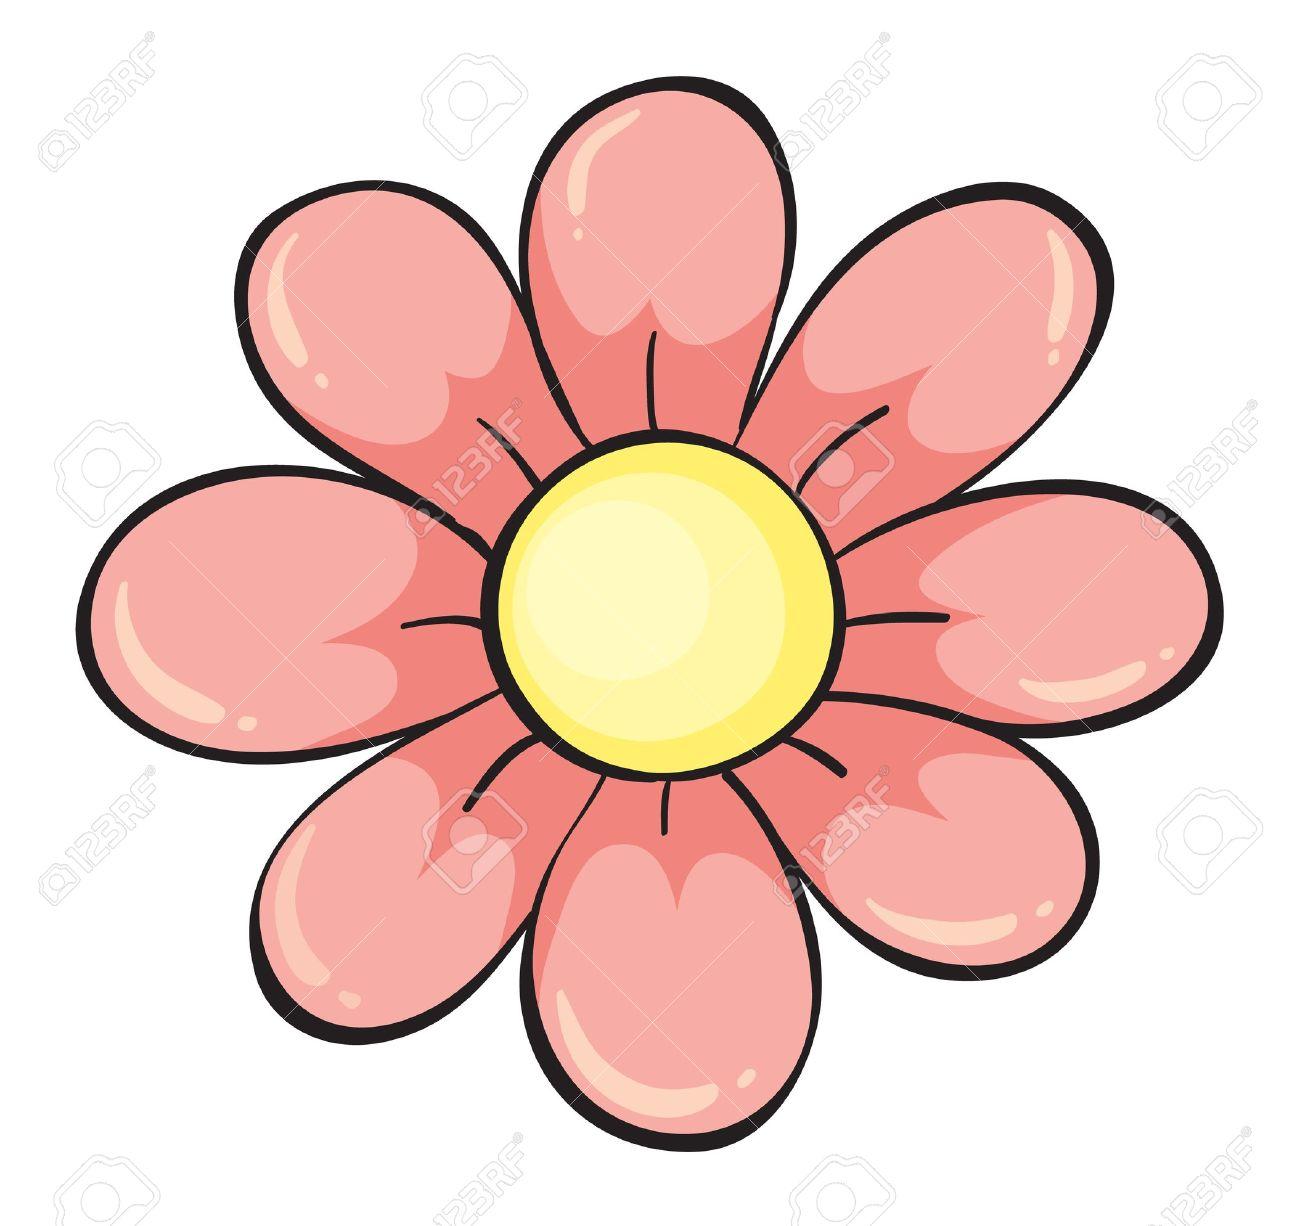 fleur illustration l atelier des fleurs roses clipart floral rose clip art free download